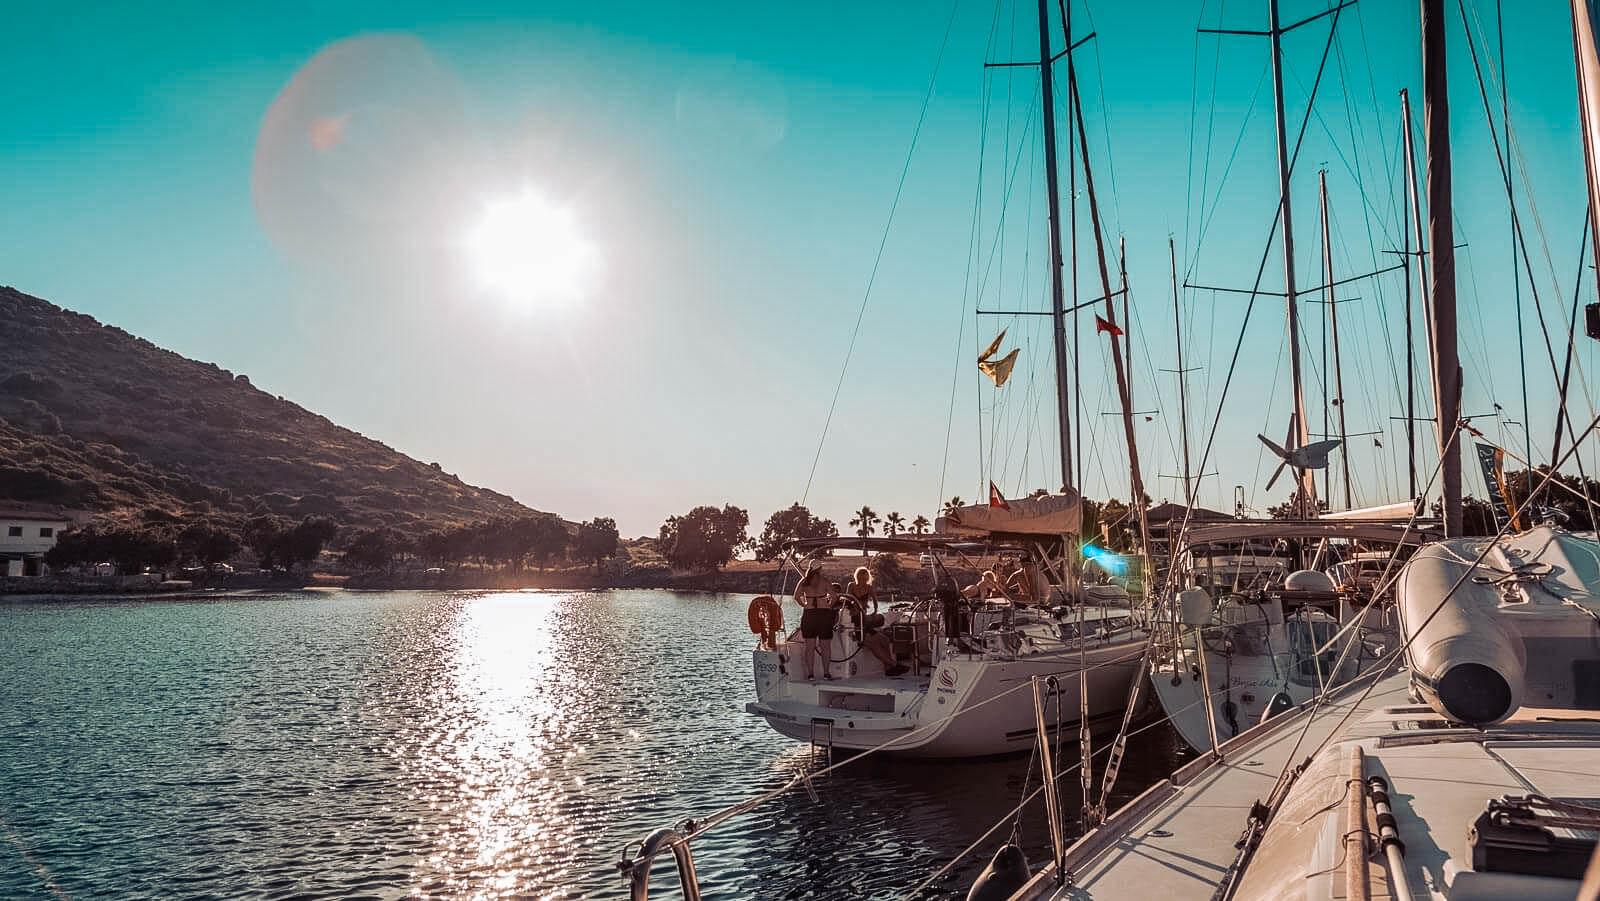 Gemeinsam als Flottille segeln ist ein Vergnügen | sailwithus